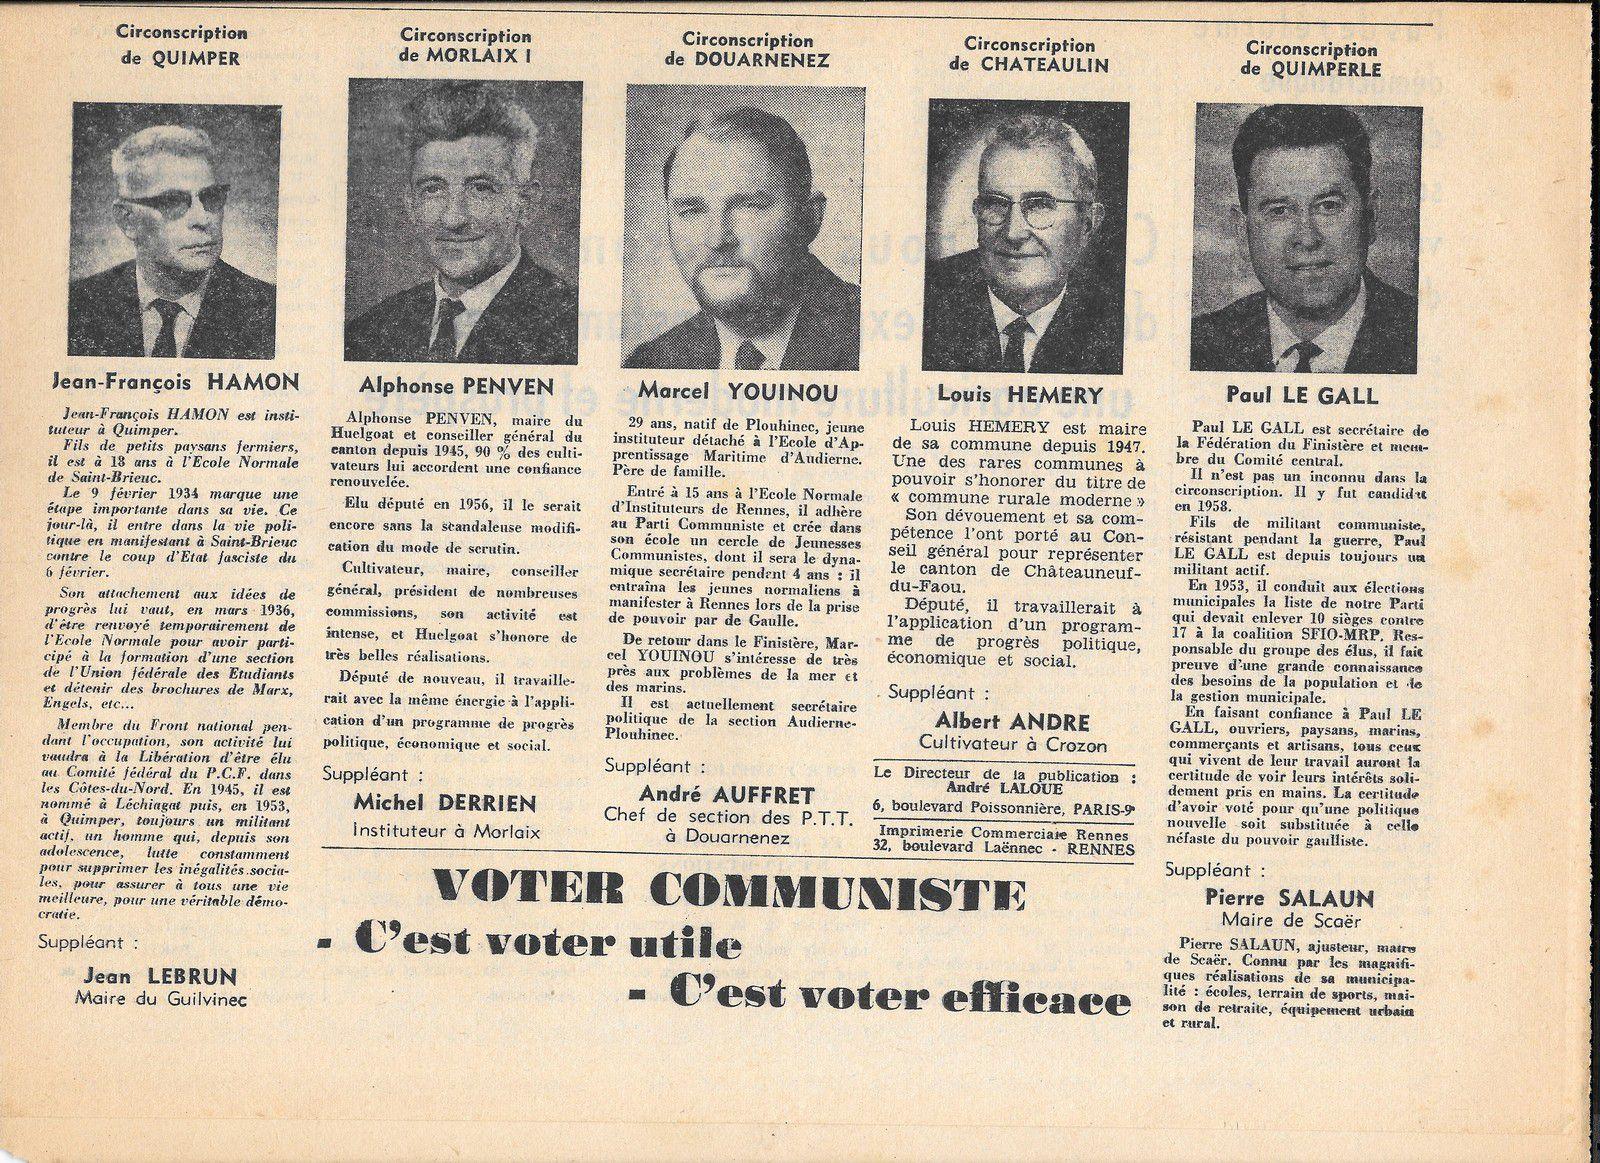 Décès de Paul Le Gall (né en 1925), ancien secrétaire départemental du PCF Finistère et Sud-Finistère, ancien membre du Comité central du PCF, ancien résistant